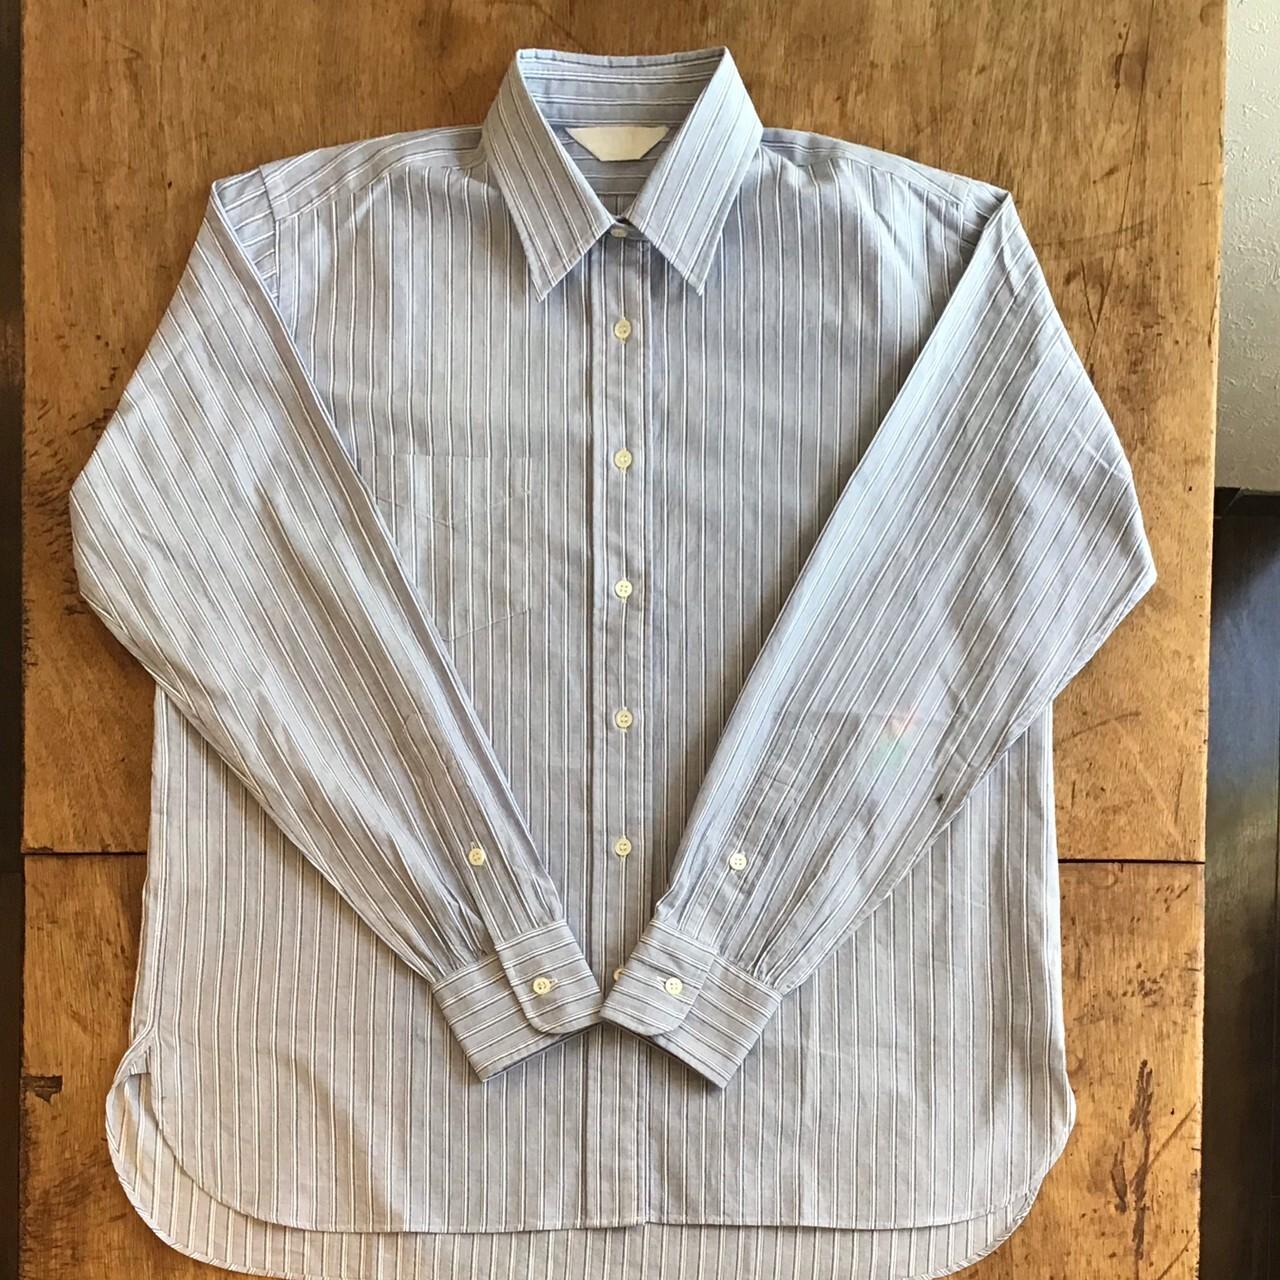 UNUSEDUS1881stripe shirts color blue stripe size 0